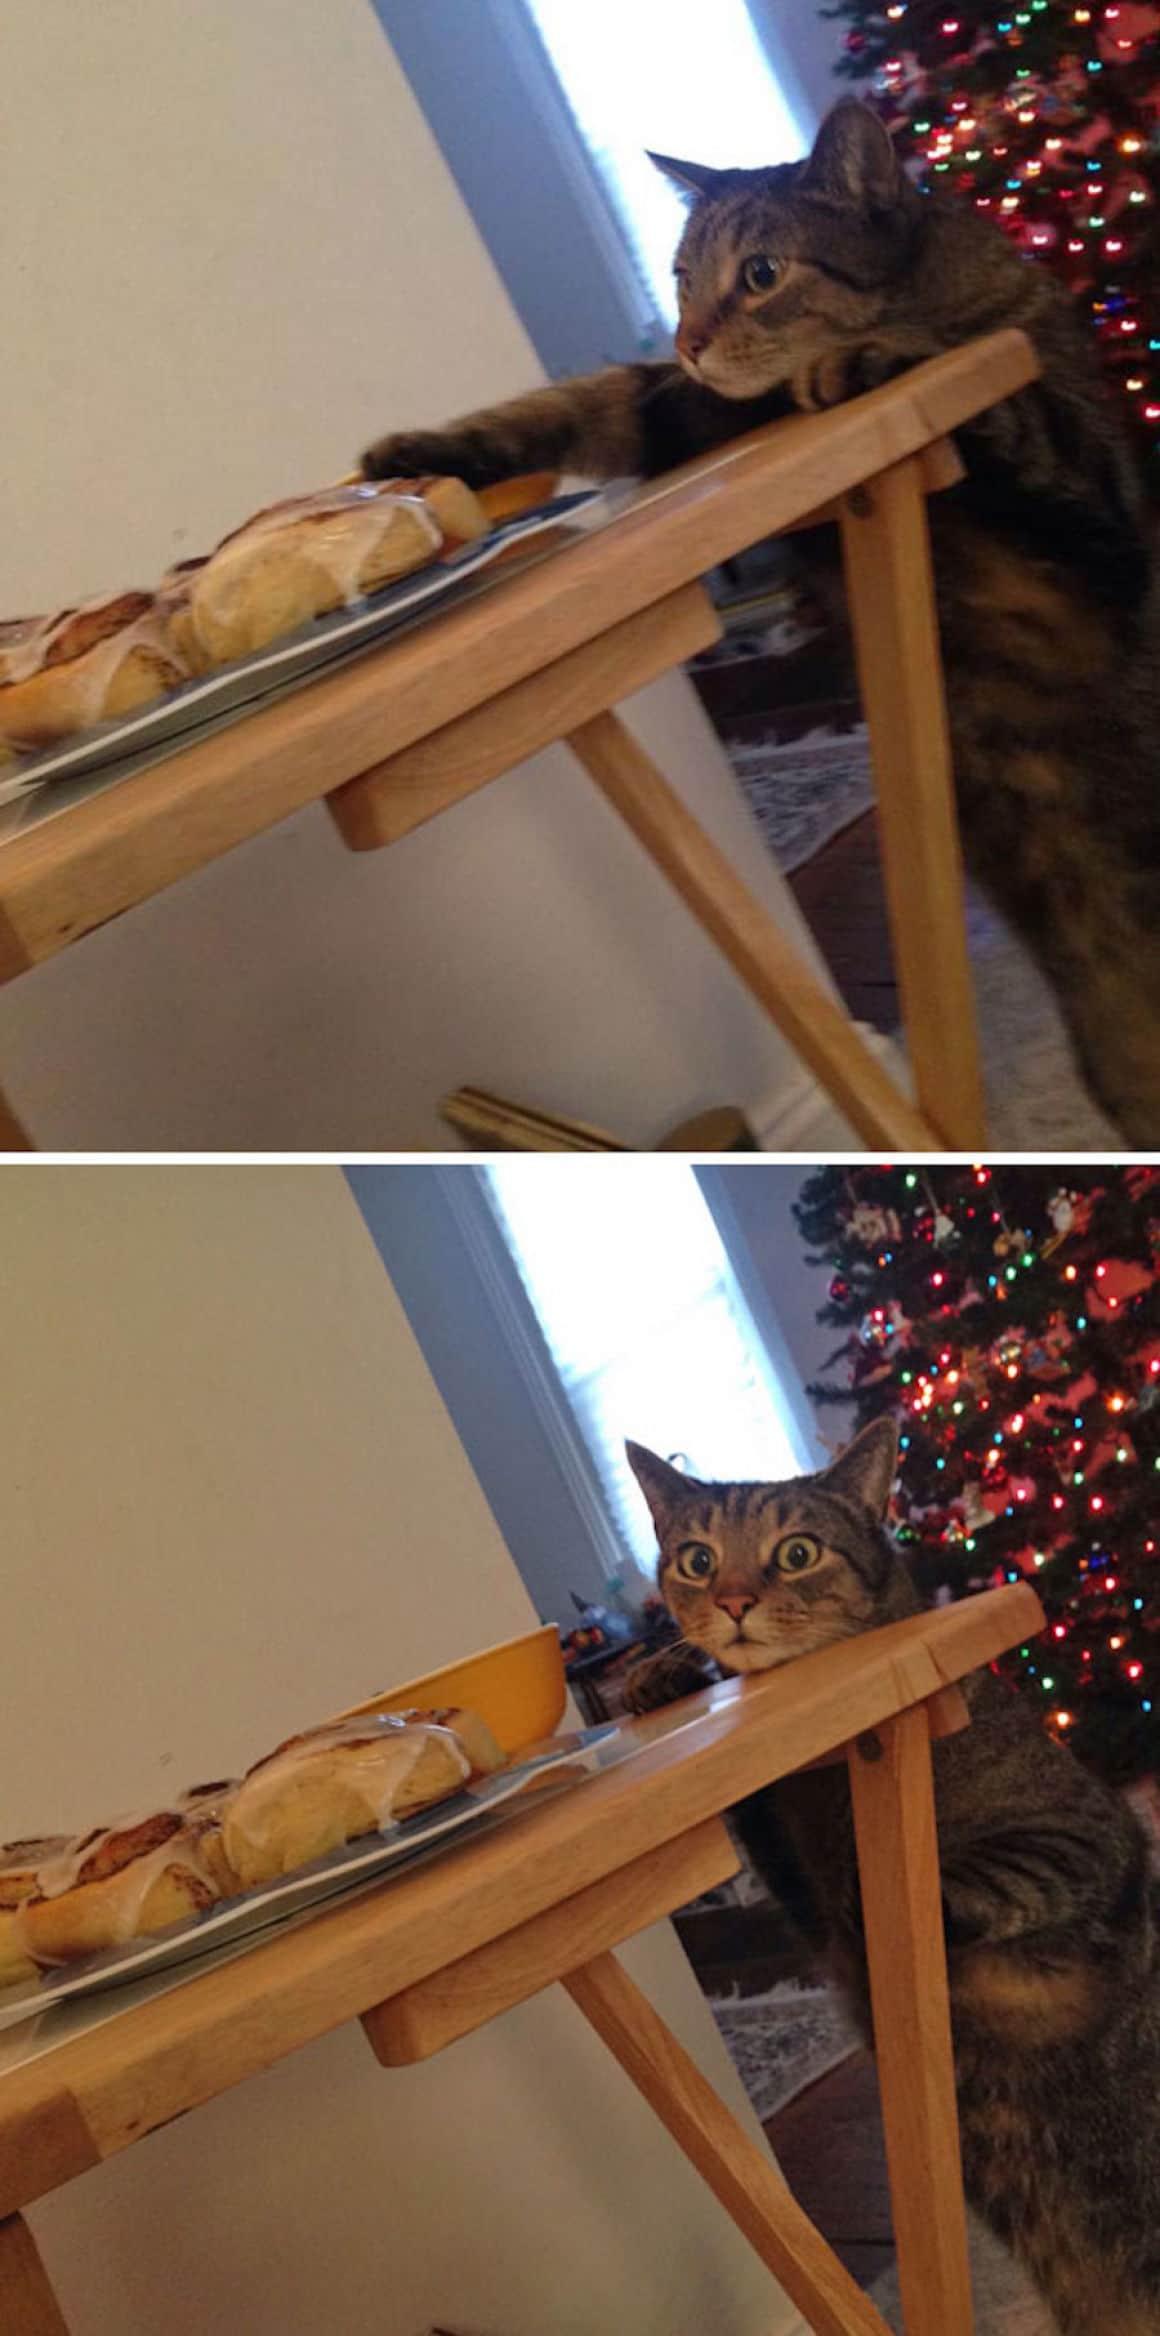 macskával az élet sose unalmas